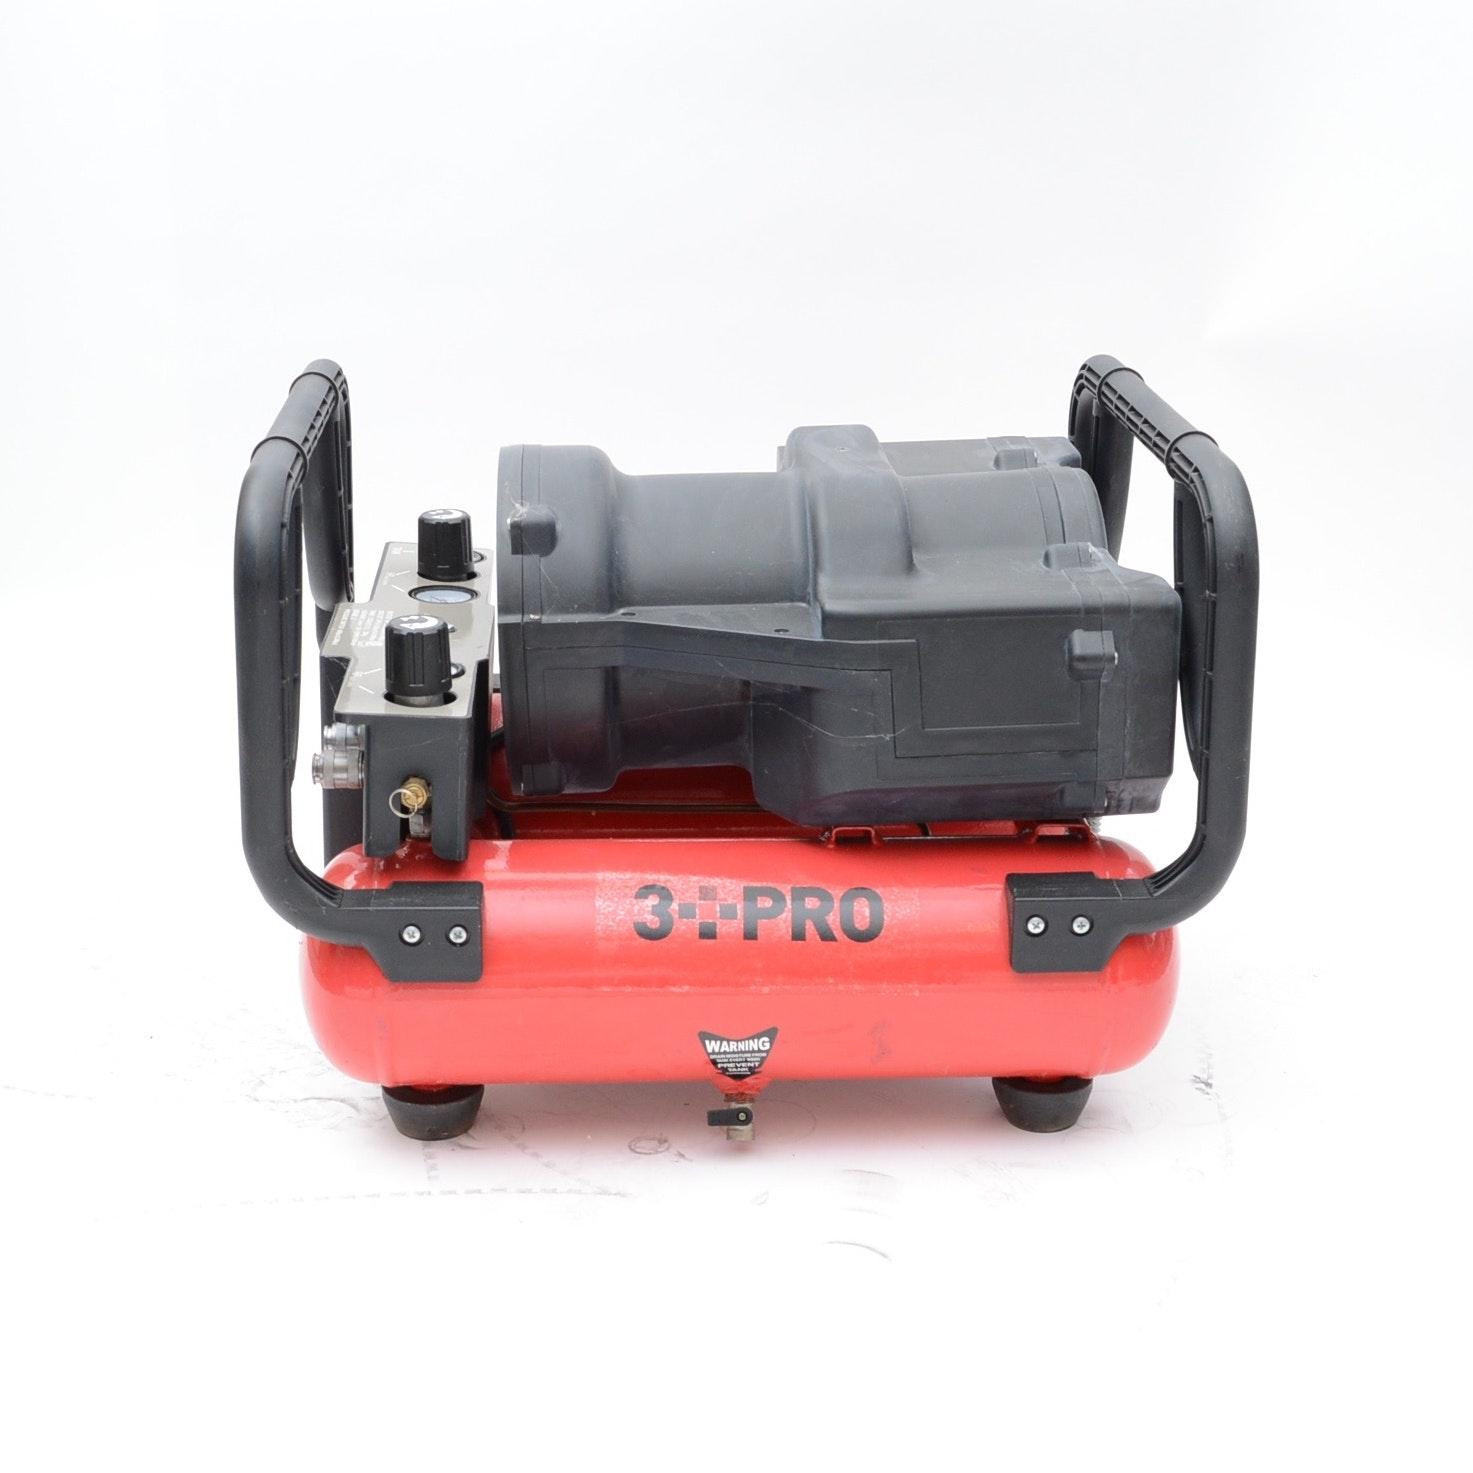 3 PRO 3.4 Gallon High Pressure Compressor